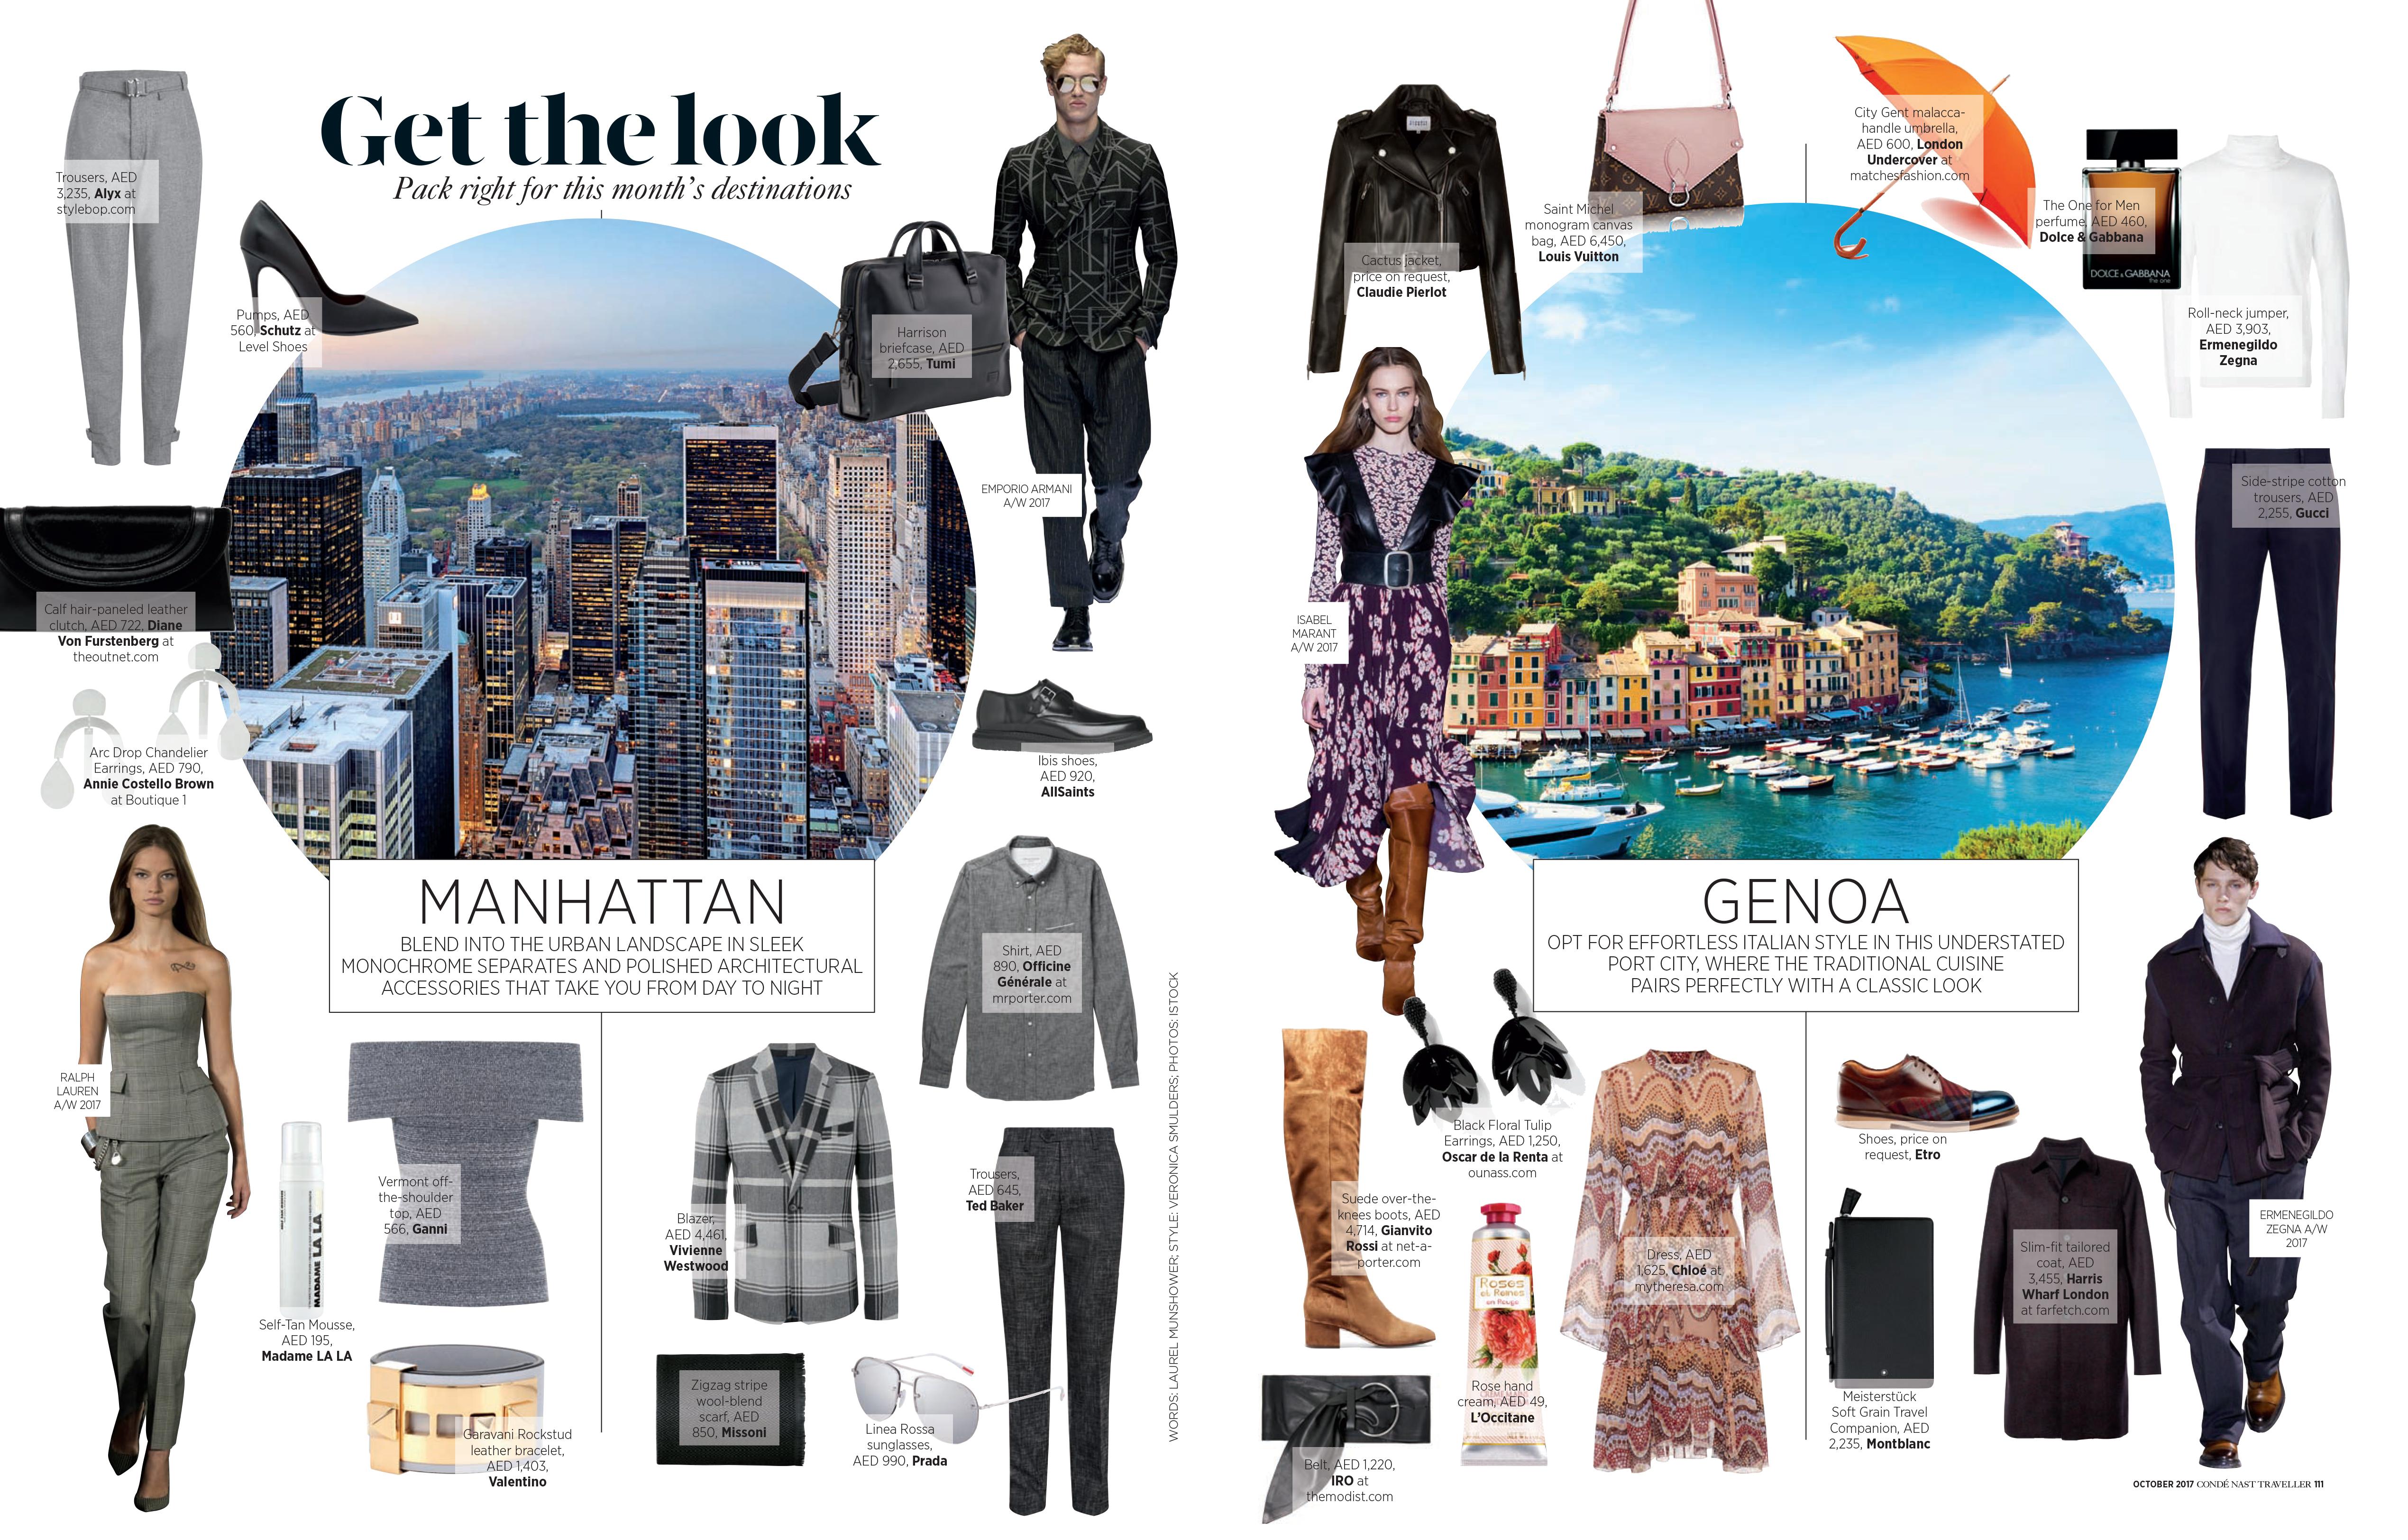 Fashion pages - Condé Nast Traveller